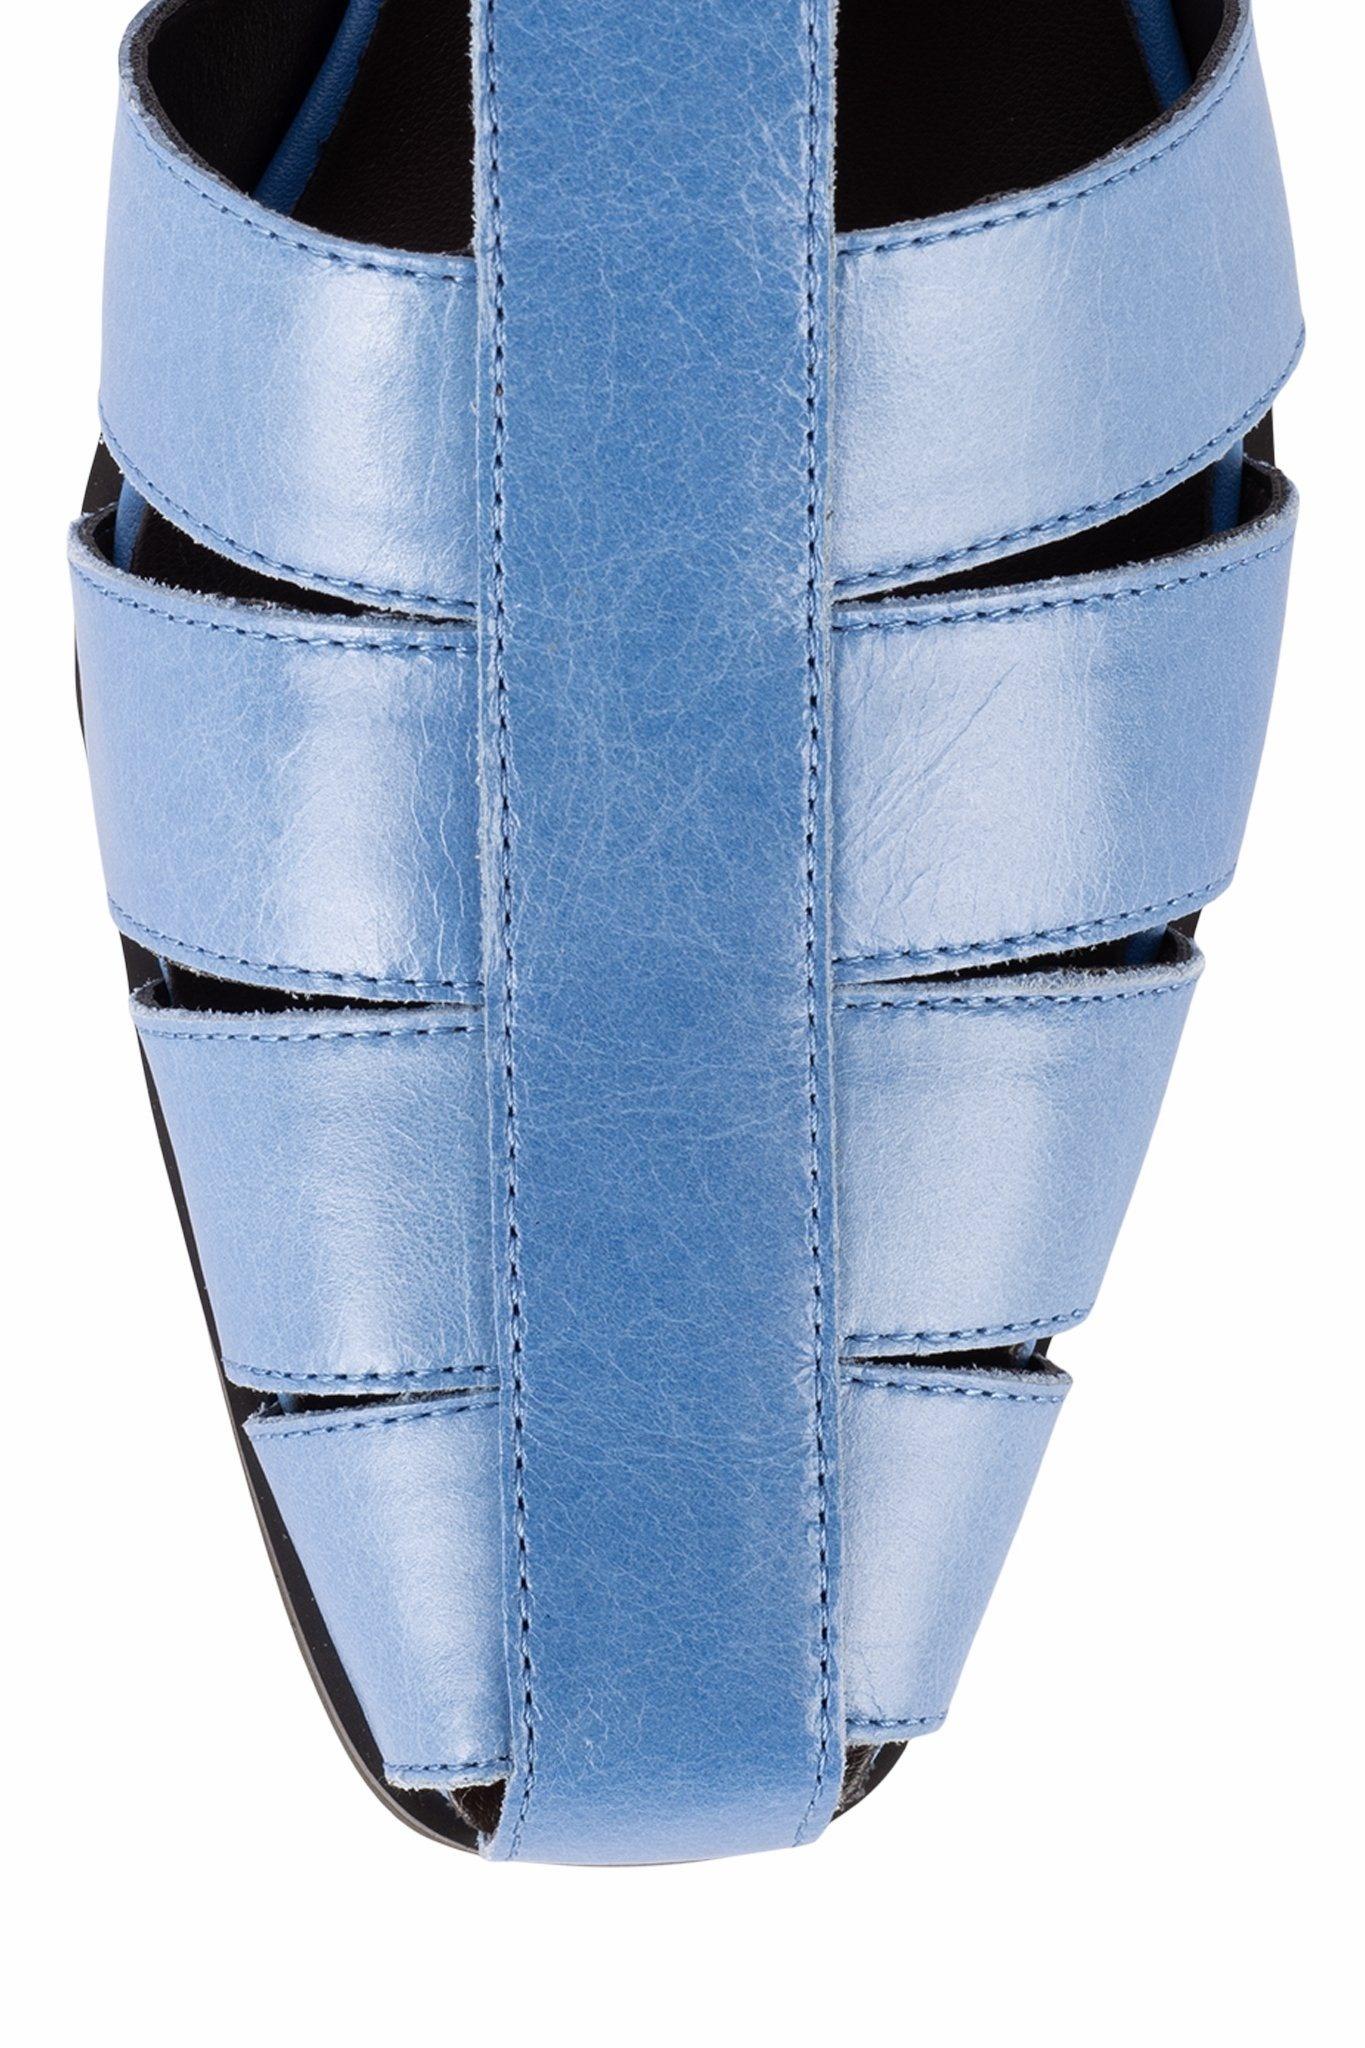 Jeffrey Campbell Landen Blue Sandal